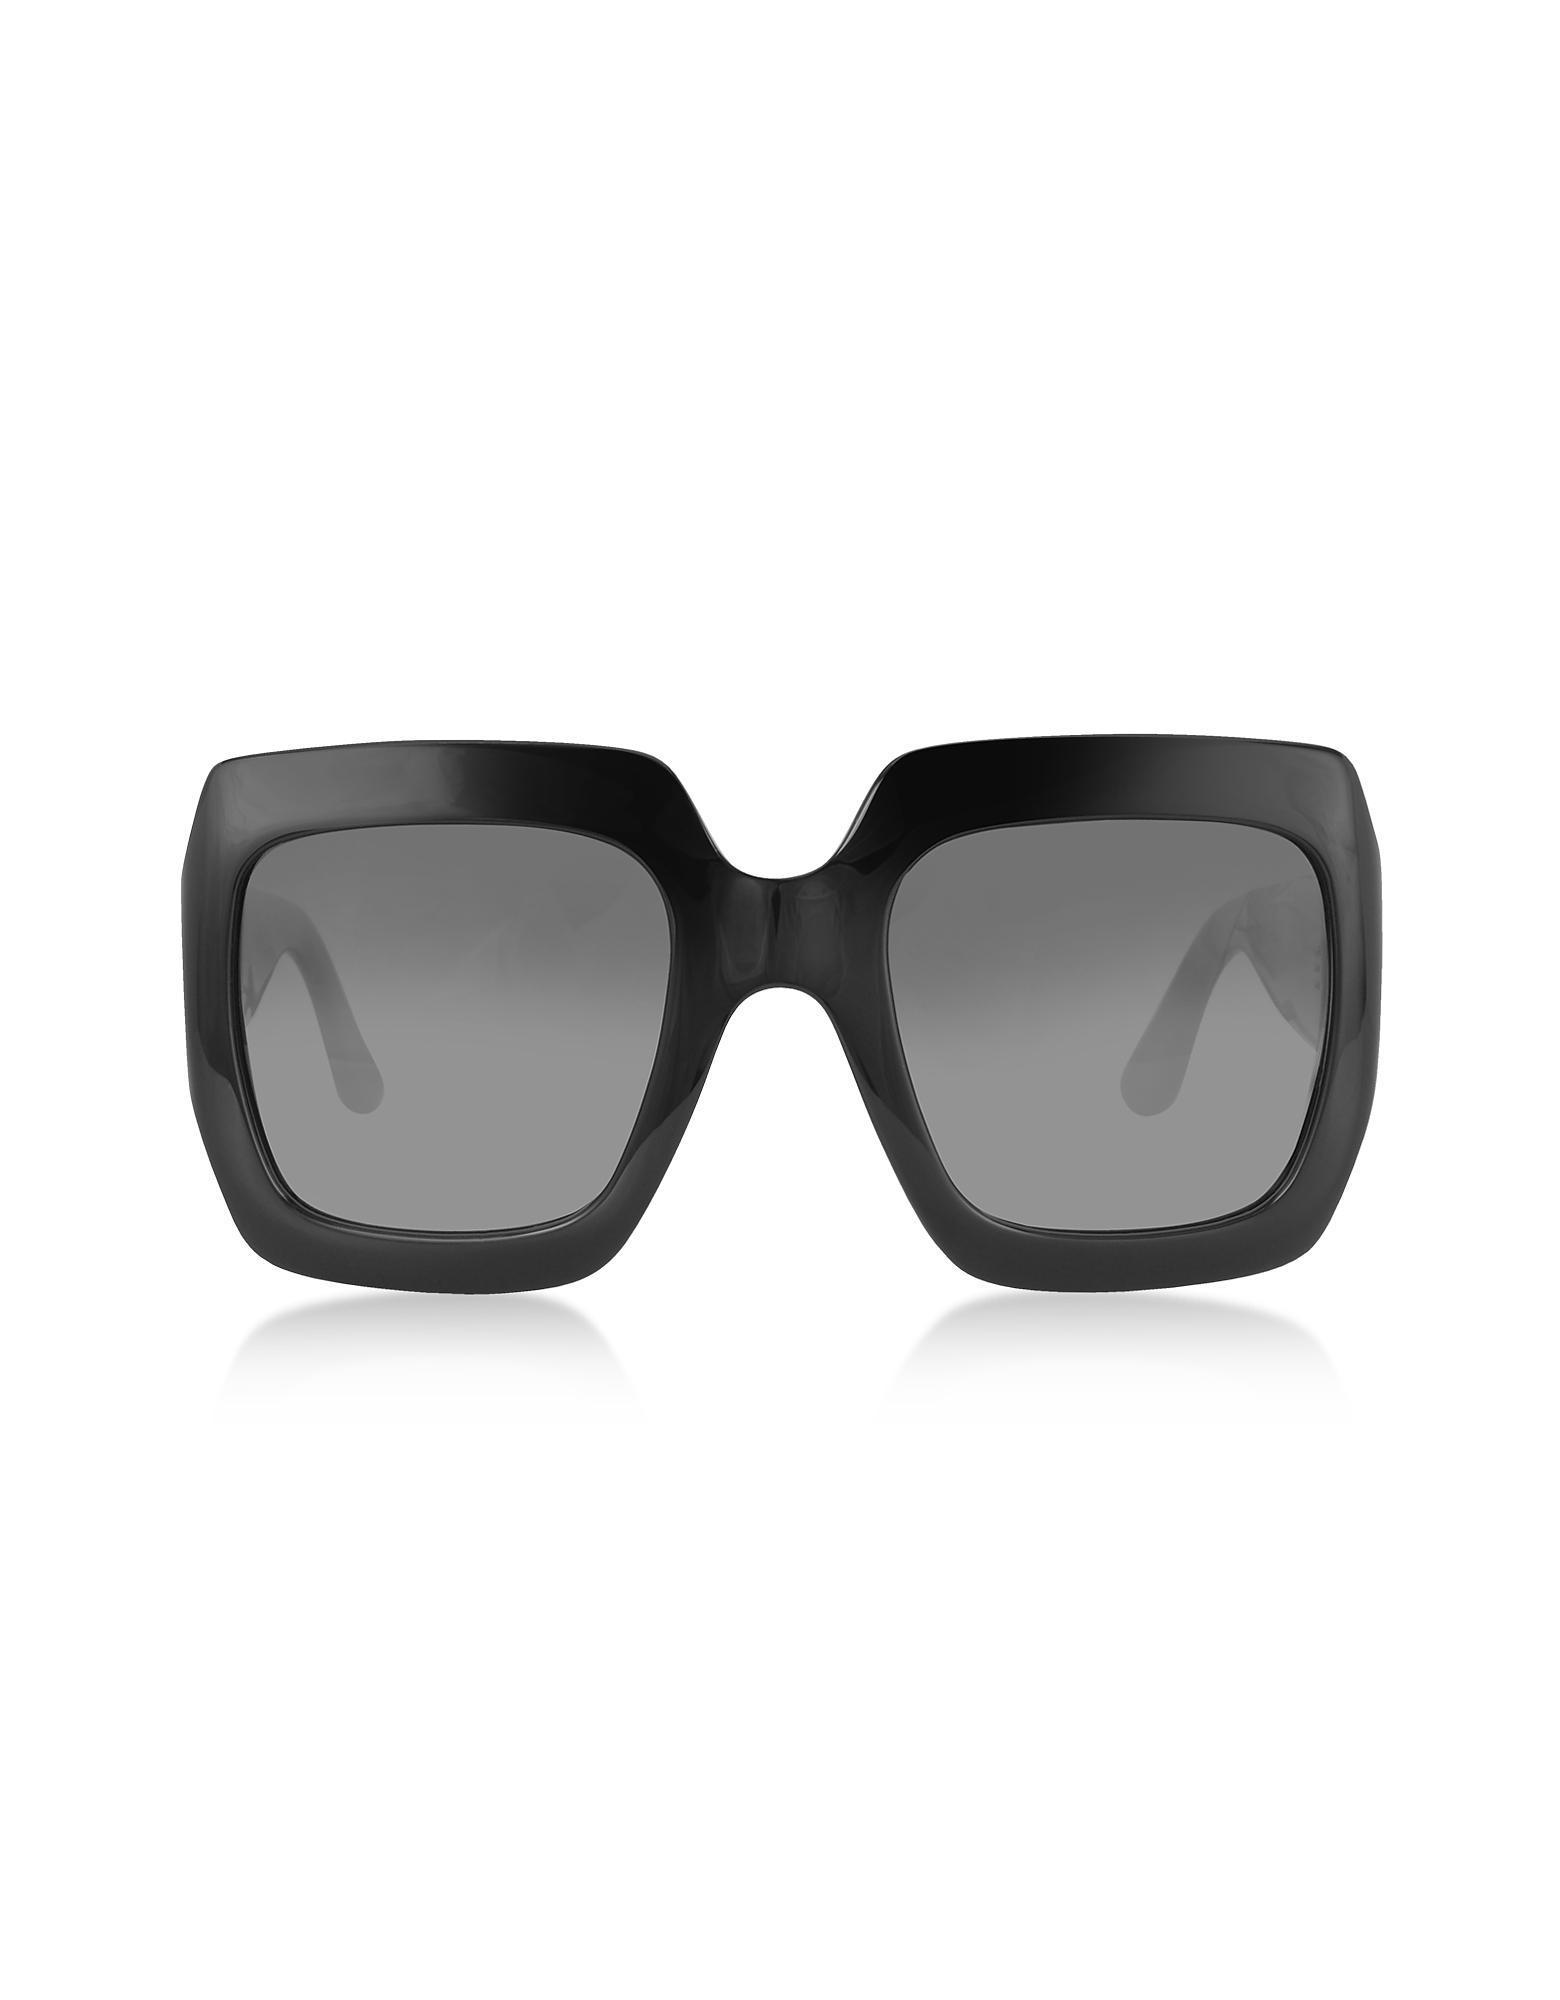 04b12530744 Gucci GG0053S 001 Black Acetate Square Women s Sunglasses in Black ...